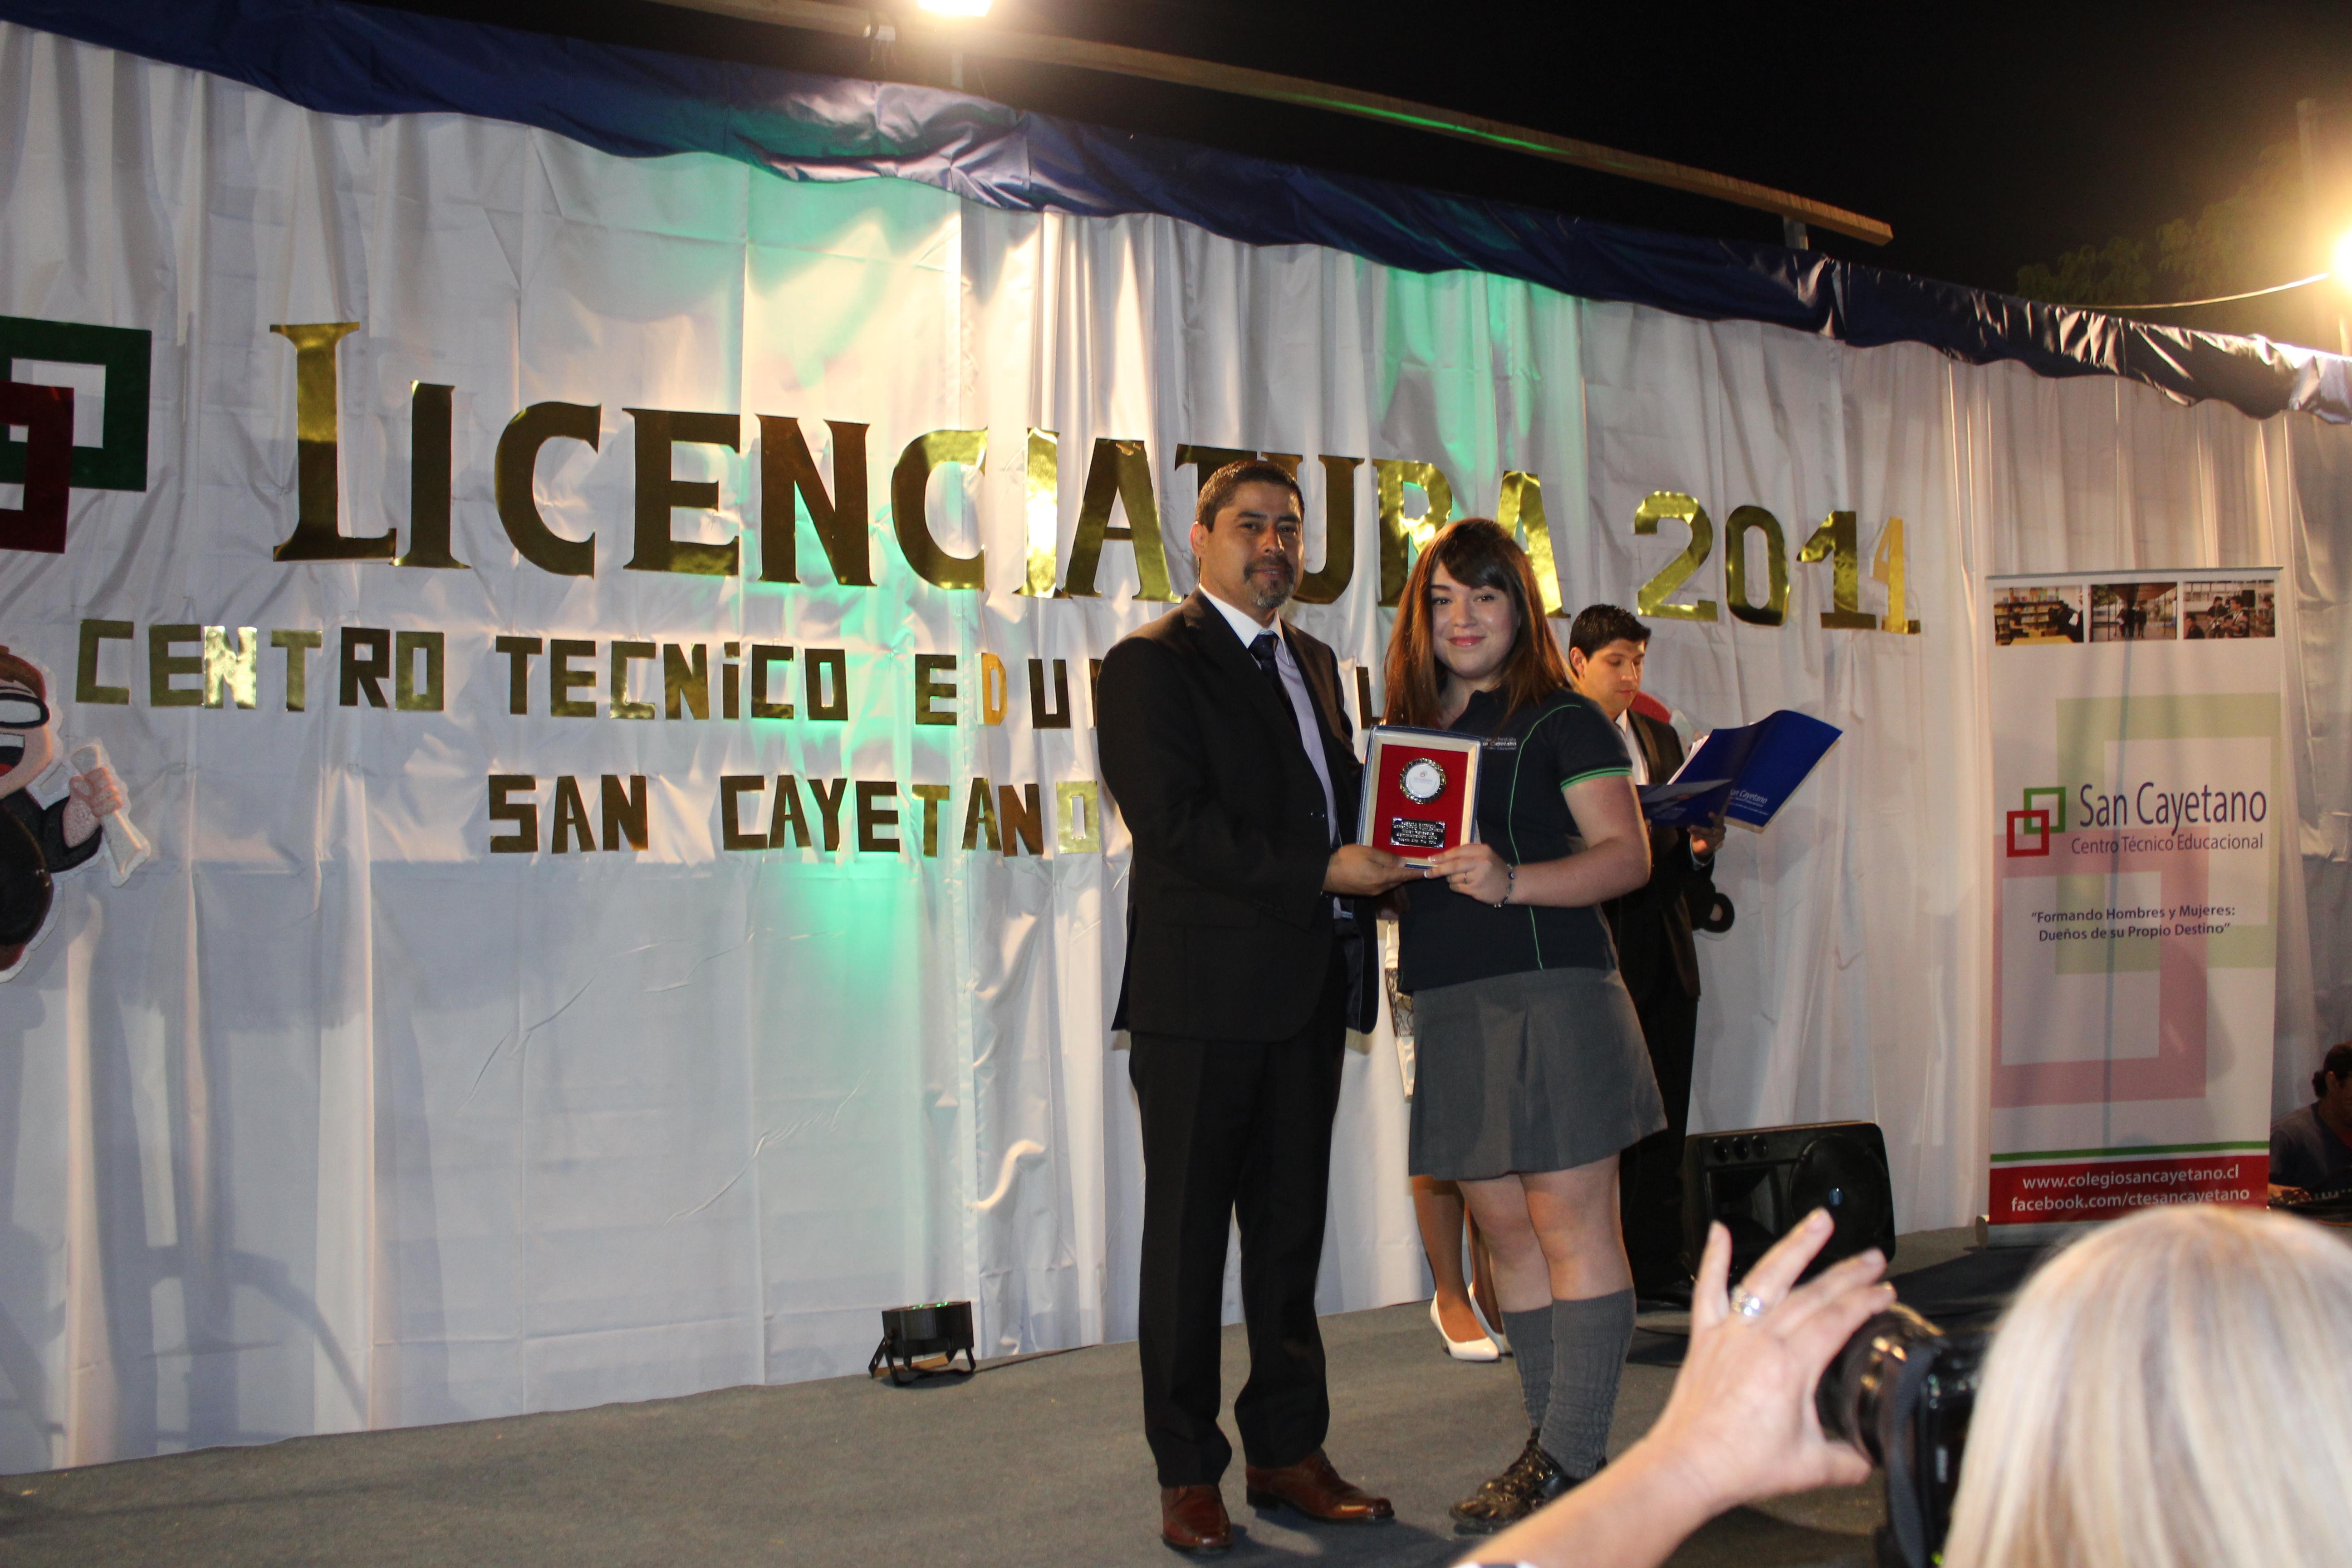 Licenciatura 2014 085.JPG